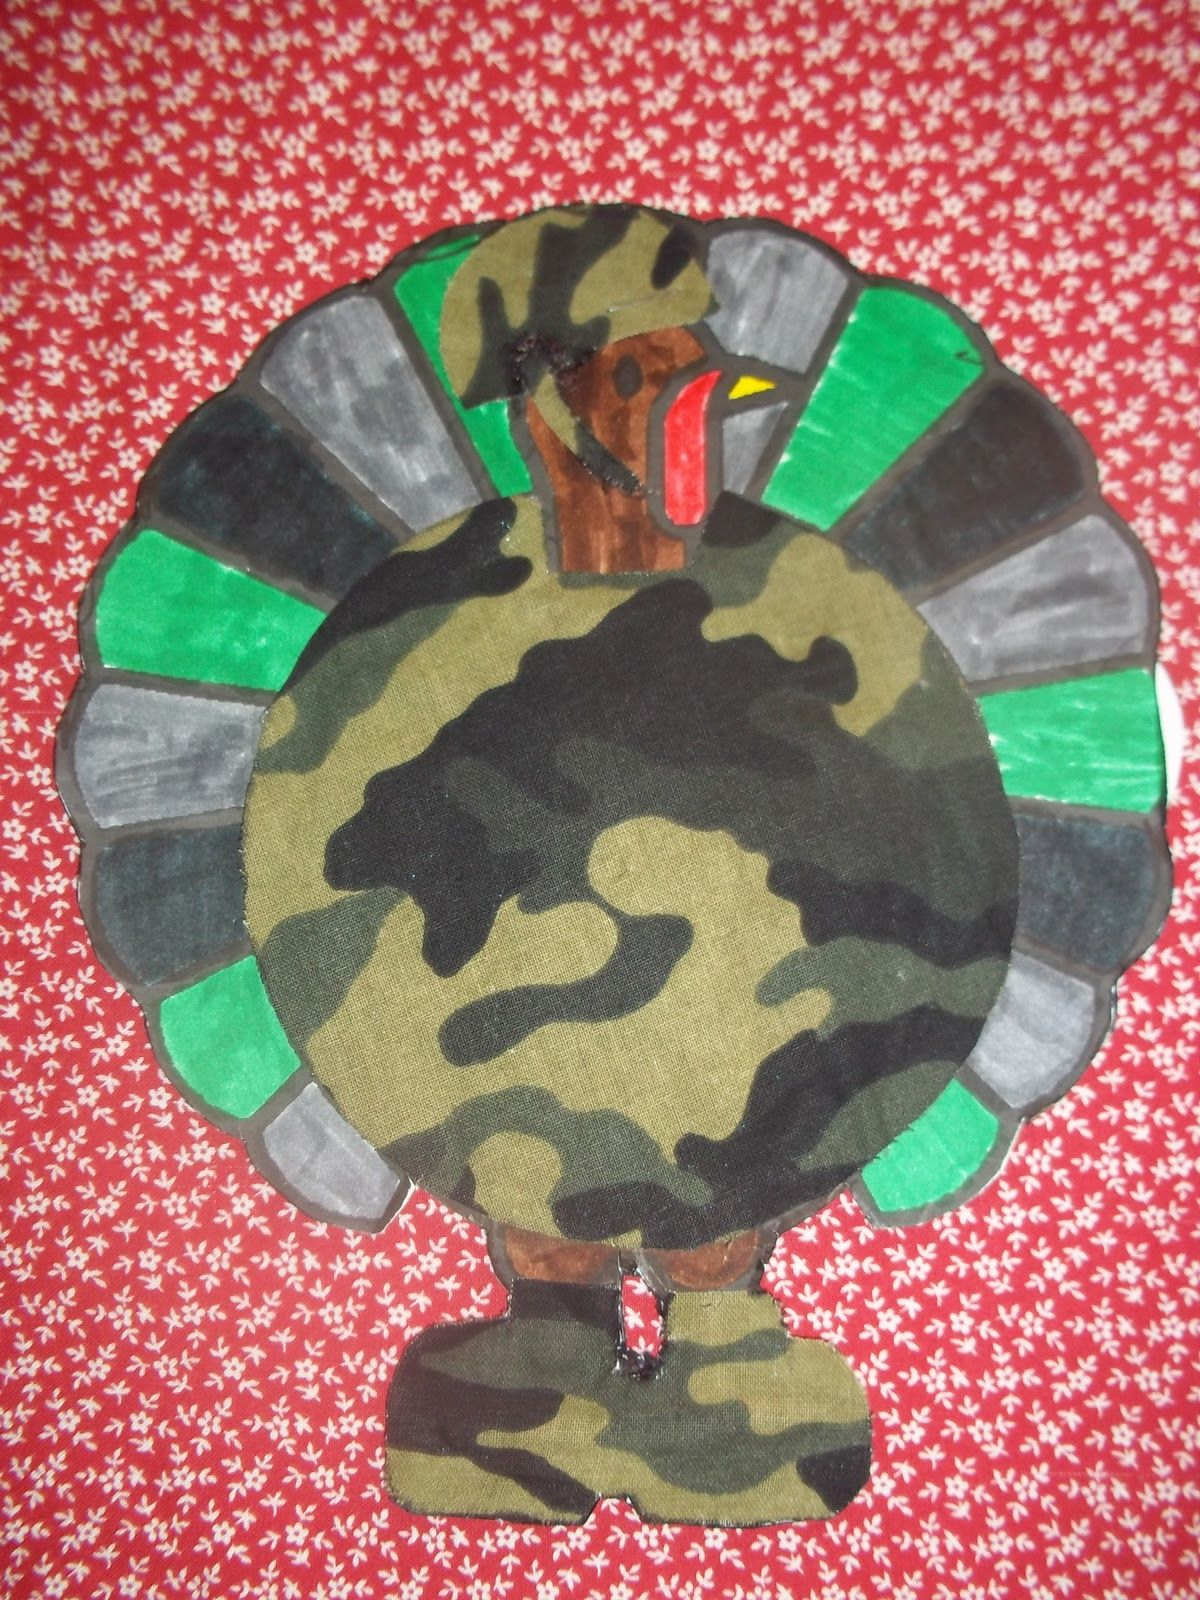 Kinder Garden: Disguise A Turkey Kindergarten Project